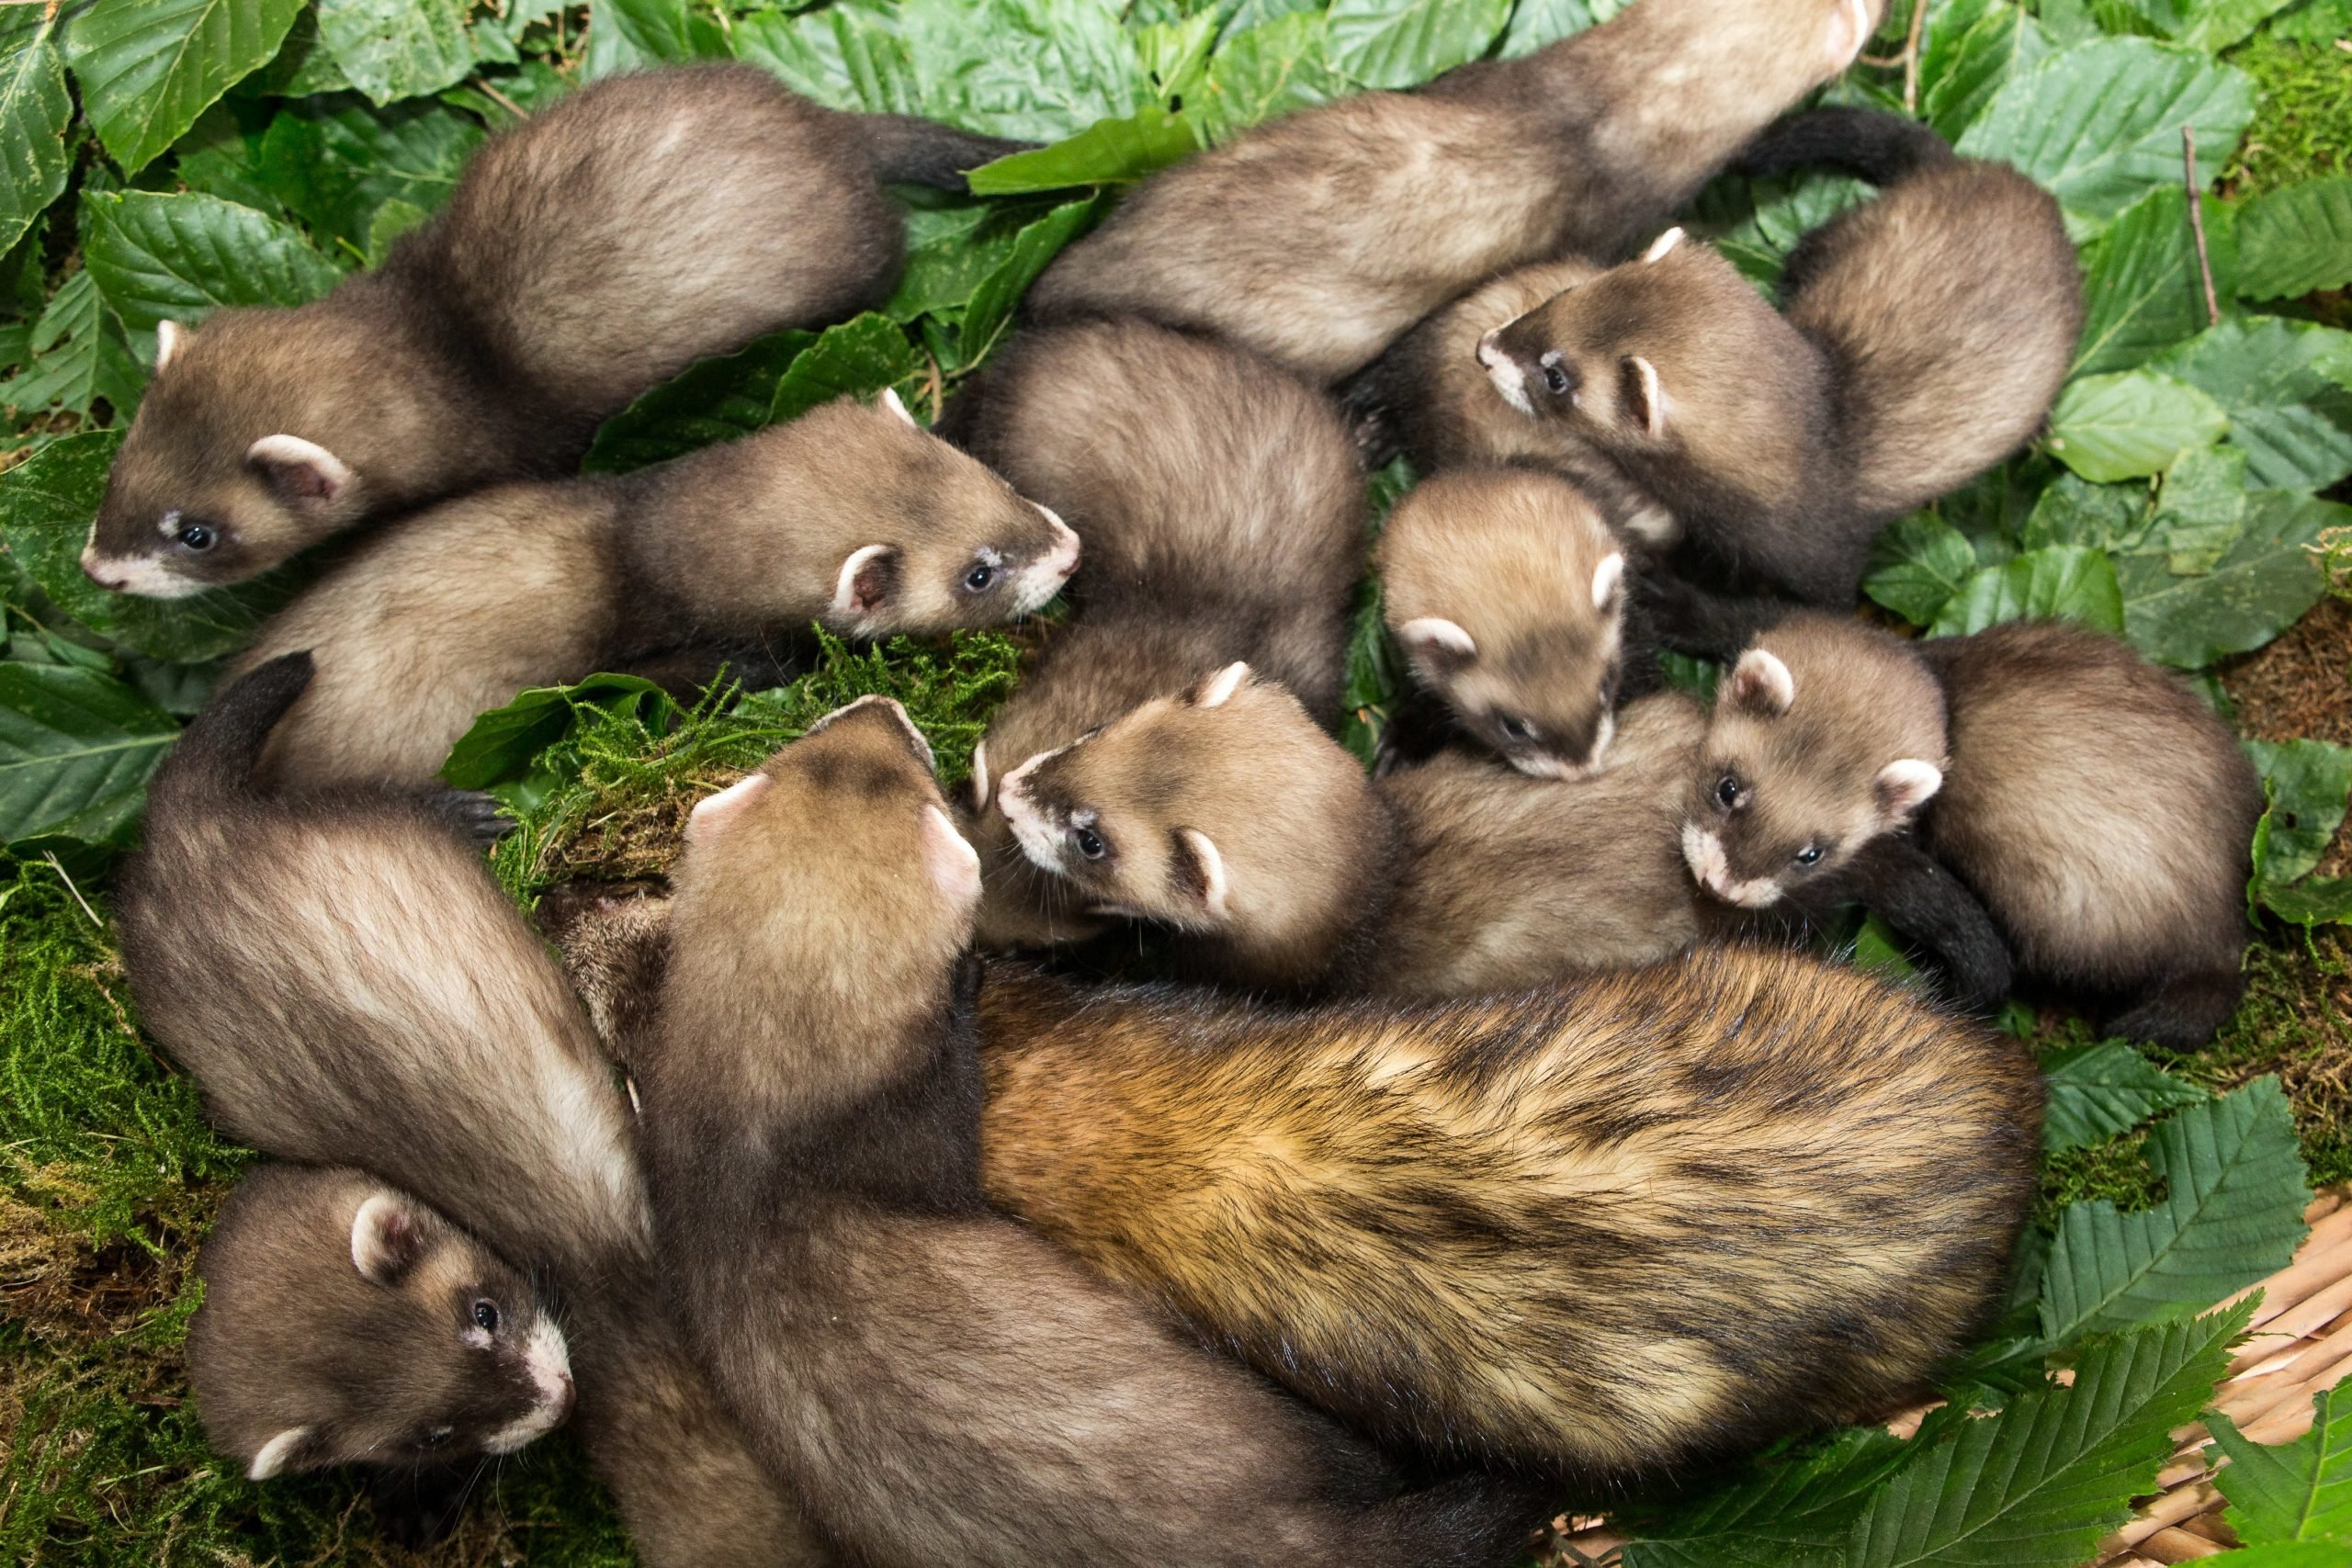 Ferret offspring at Eekholt Zoo